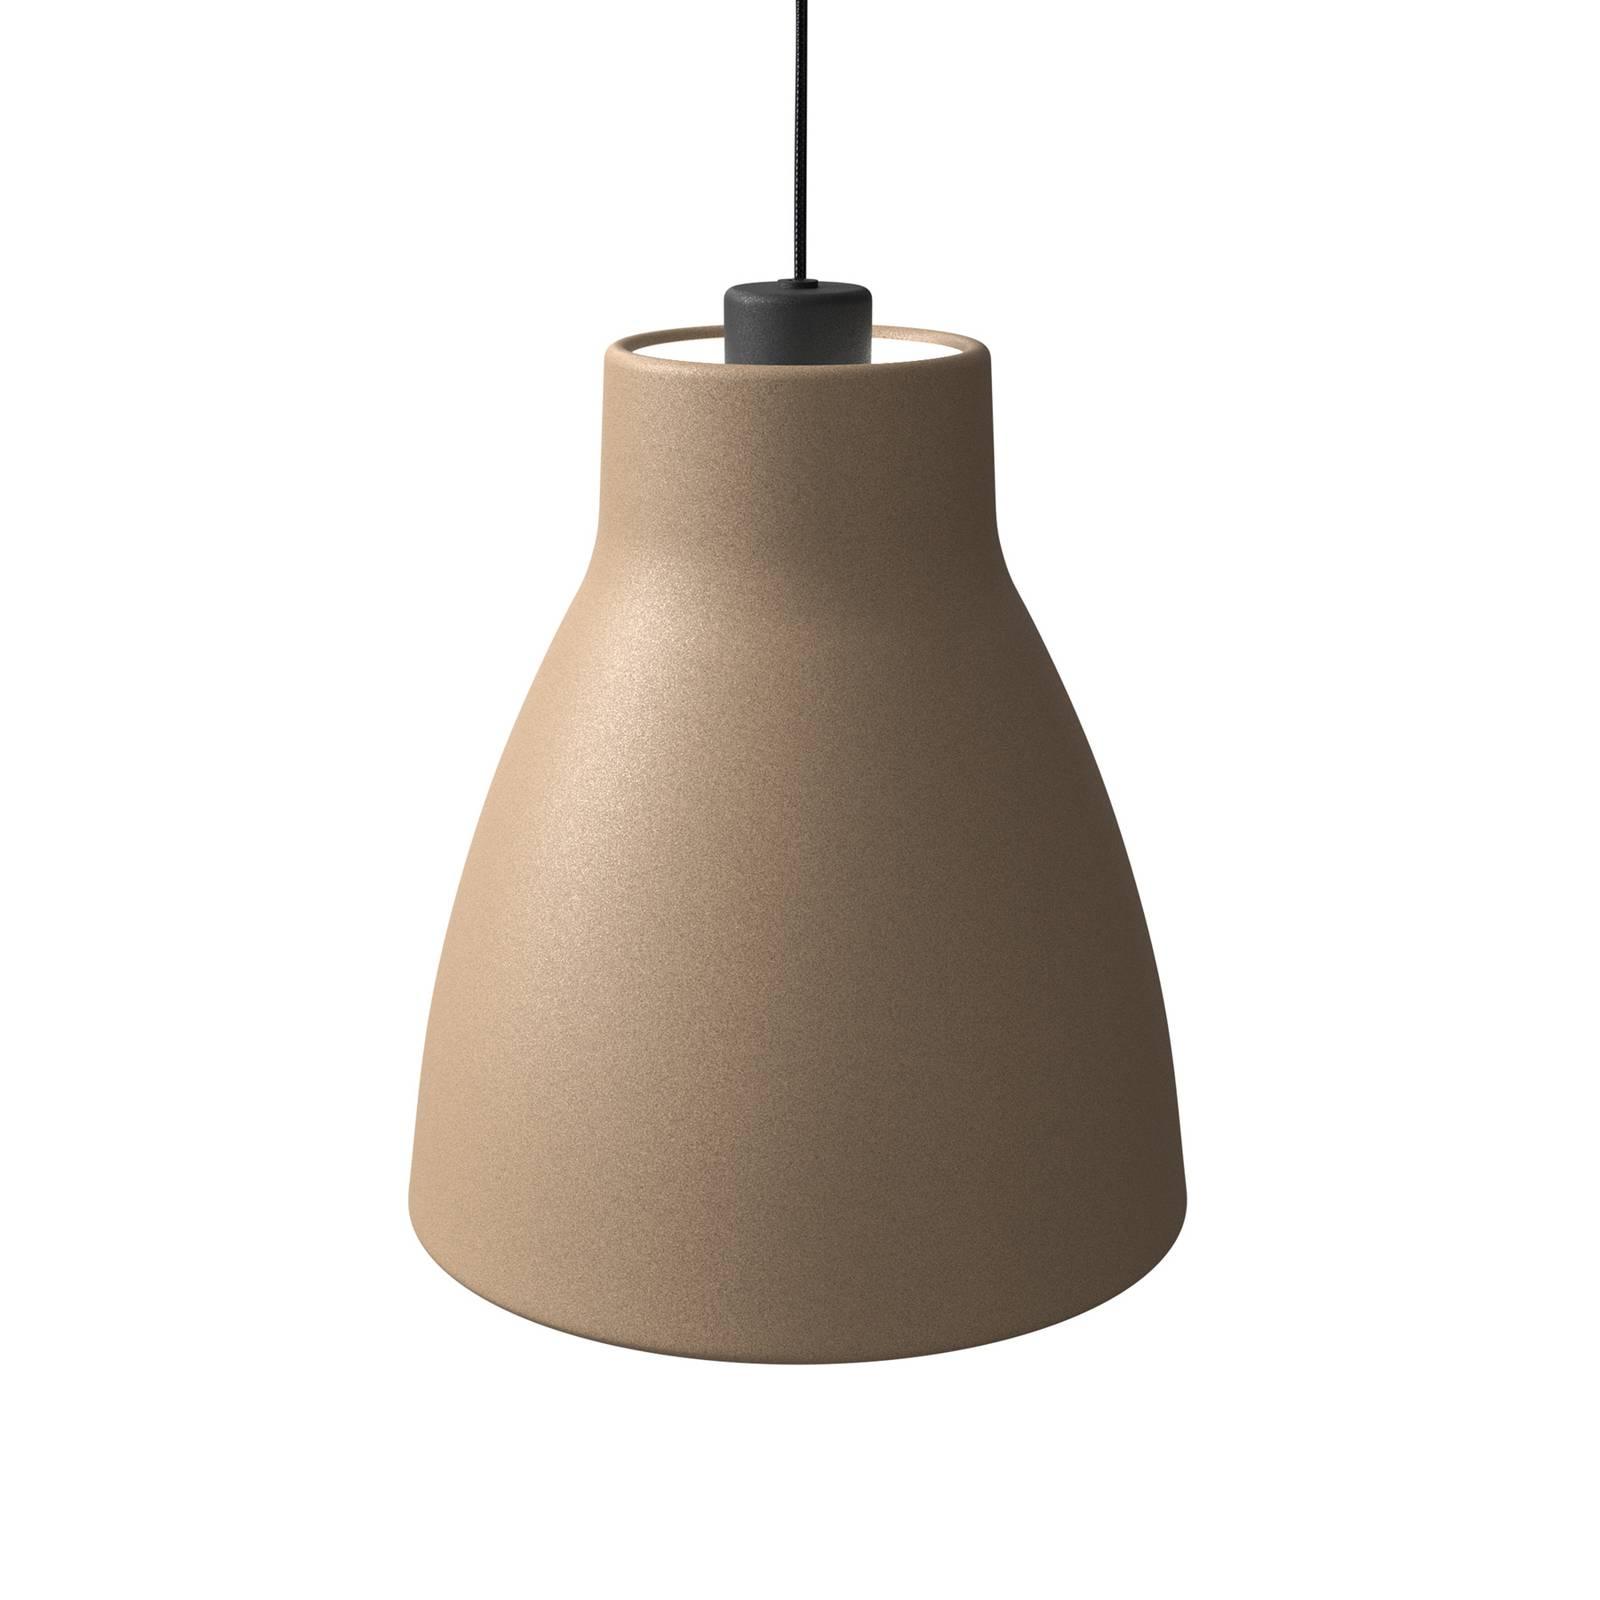 Pendelleuchte Gong, Ø 25 cm, sandfarben